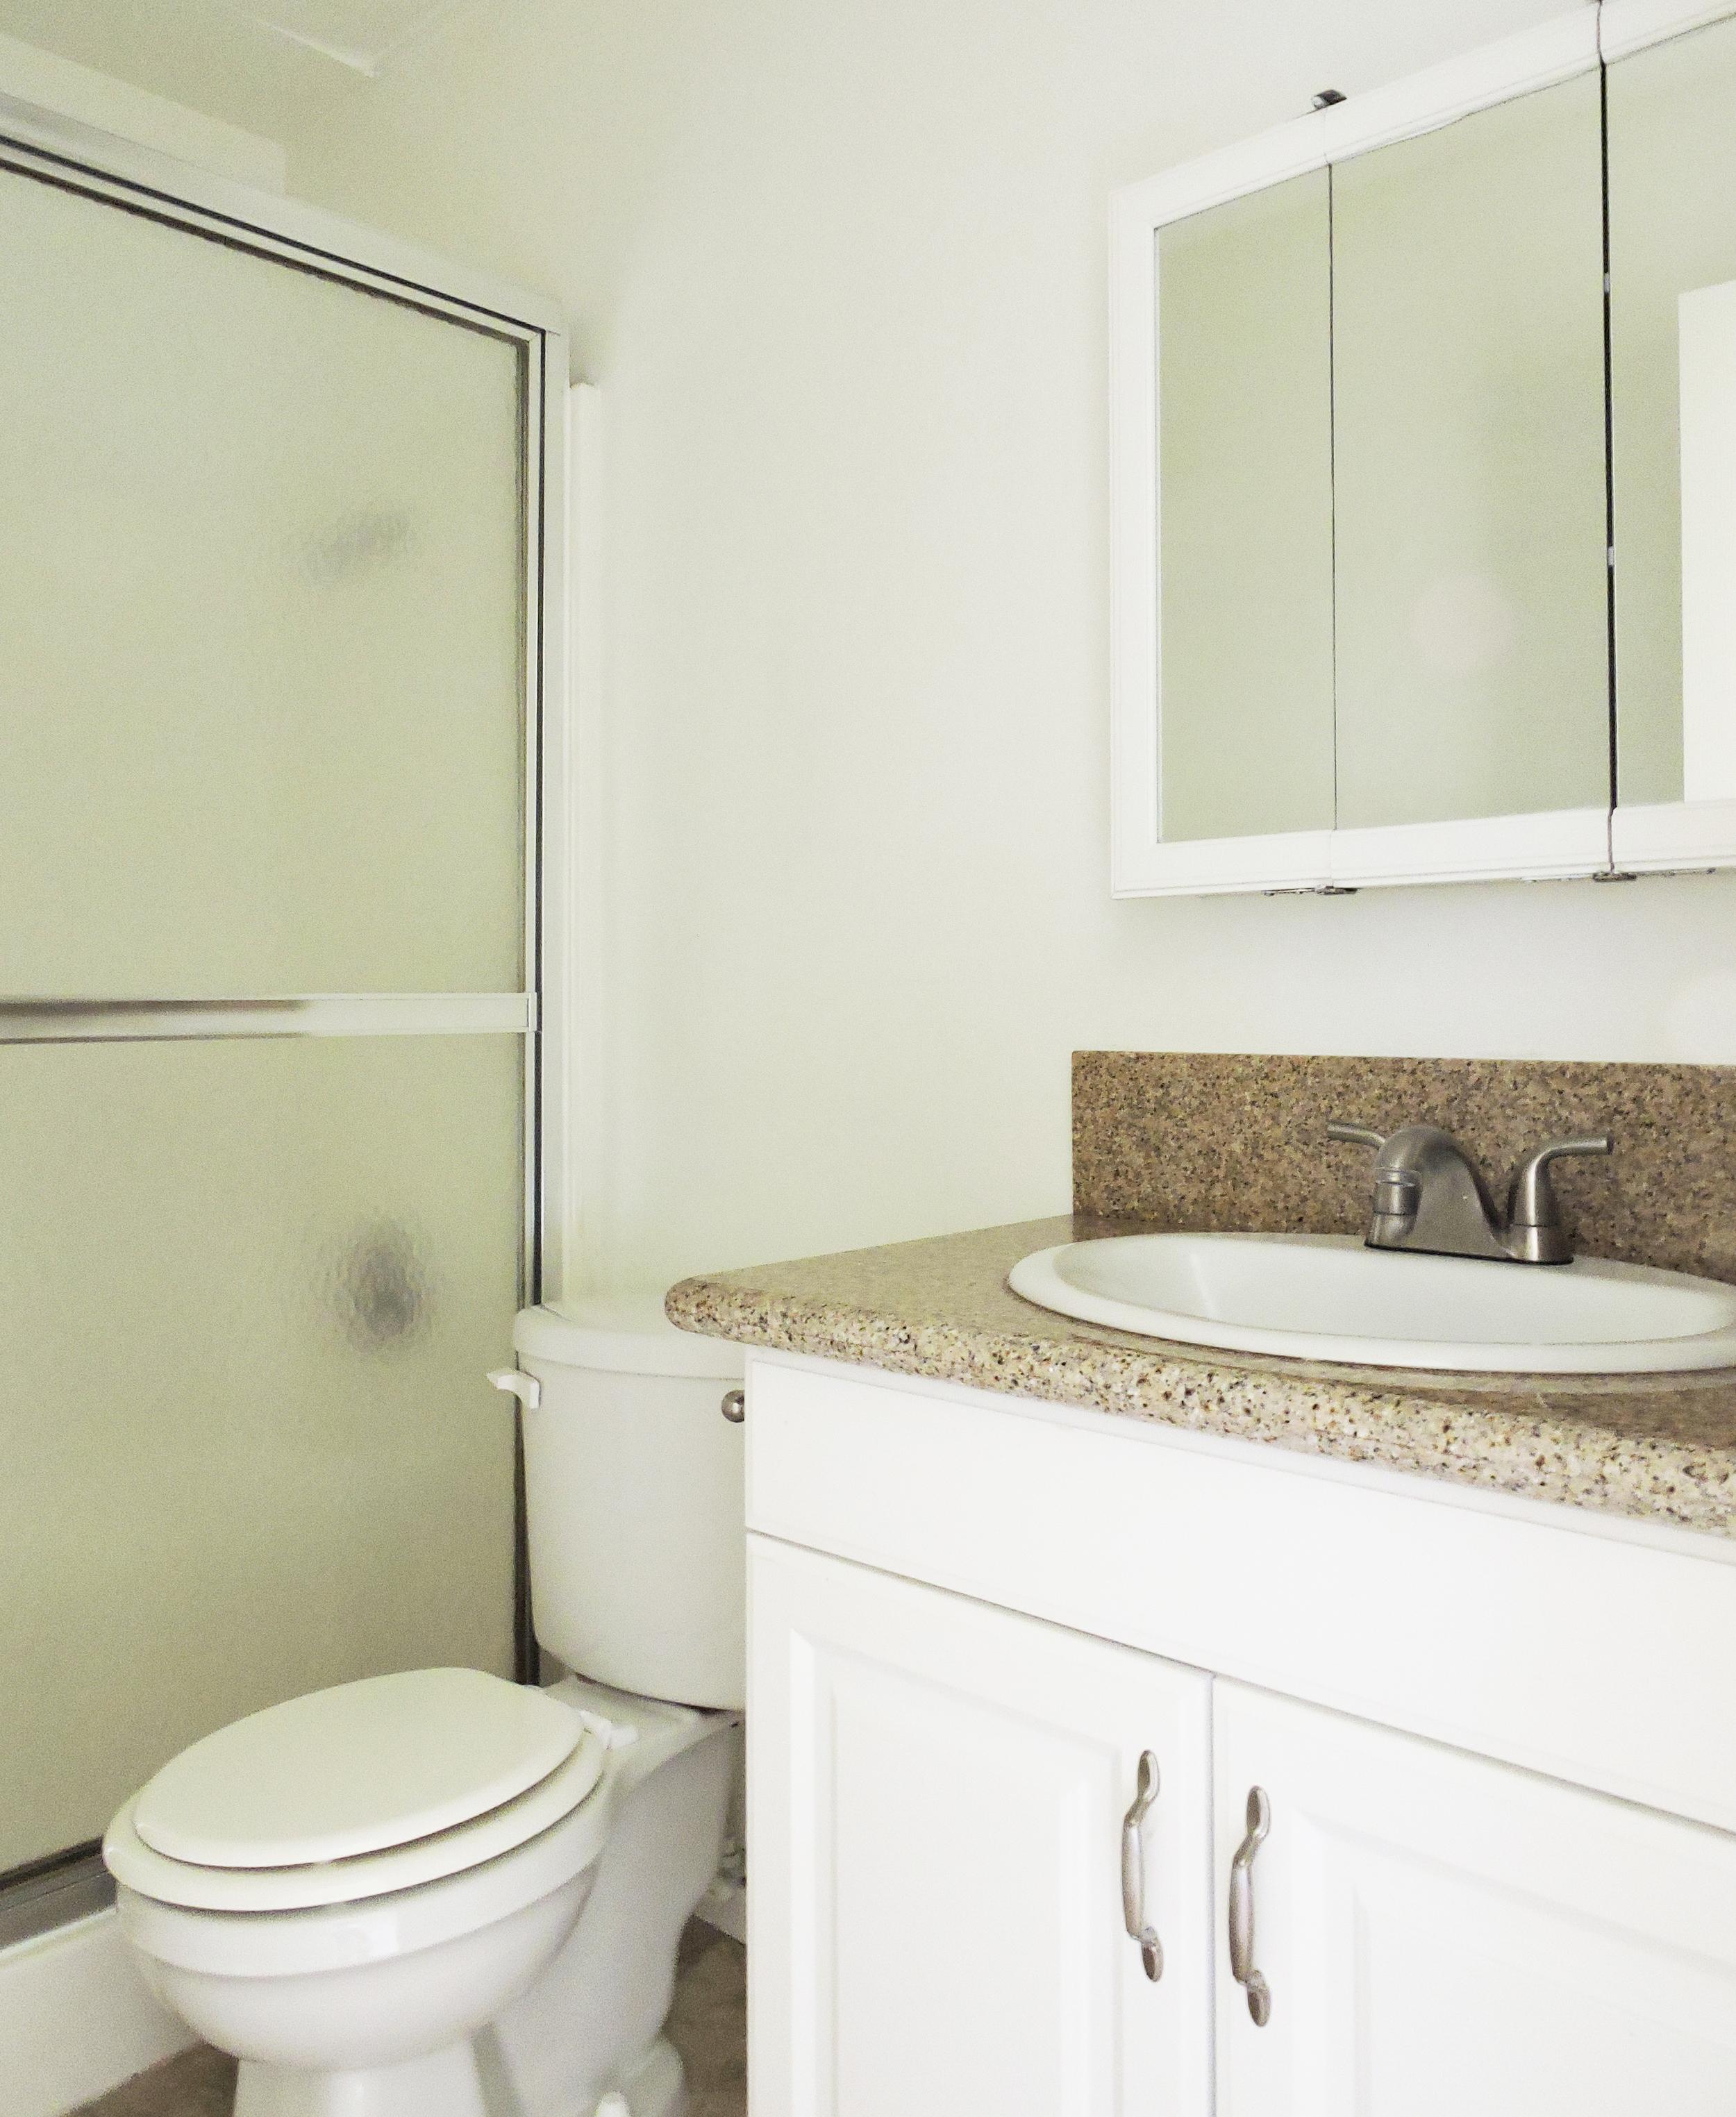 daisy bathroom.jpg